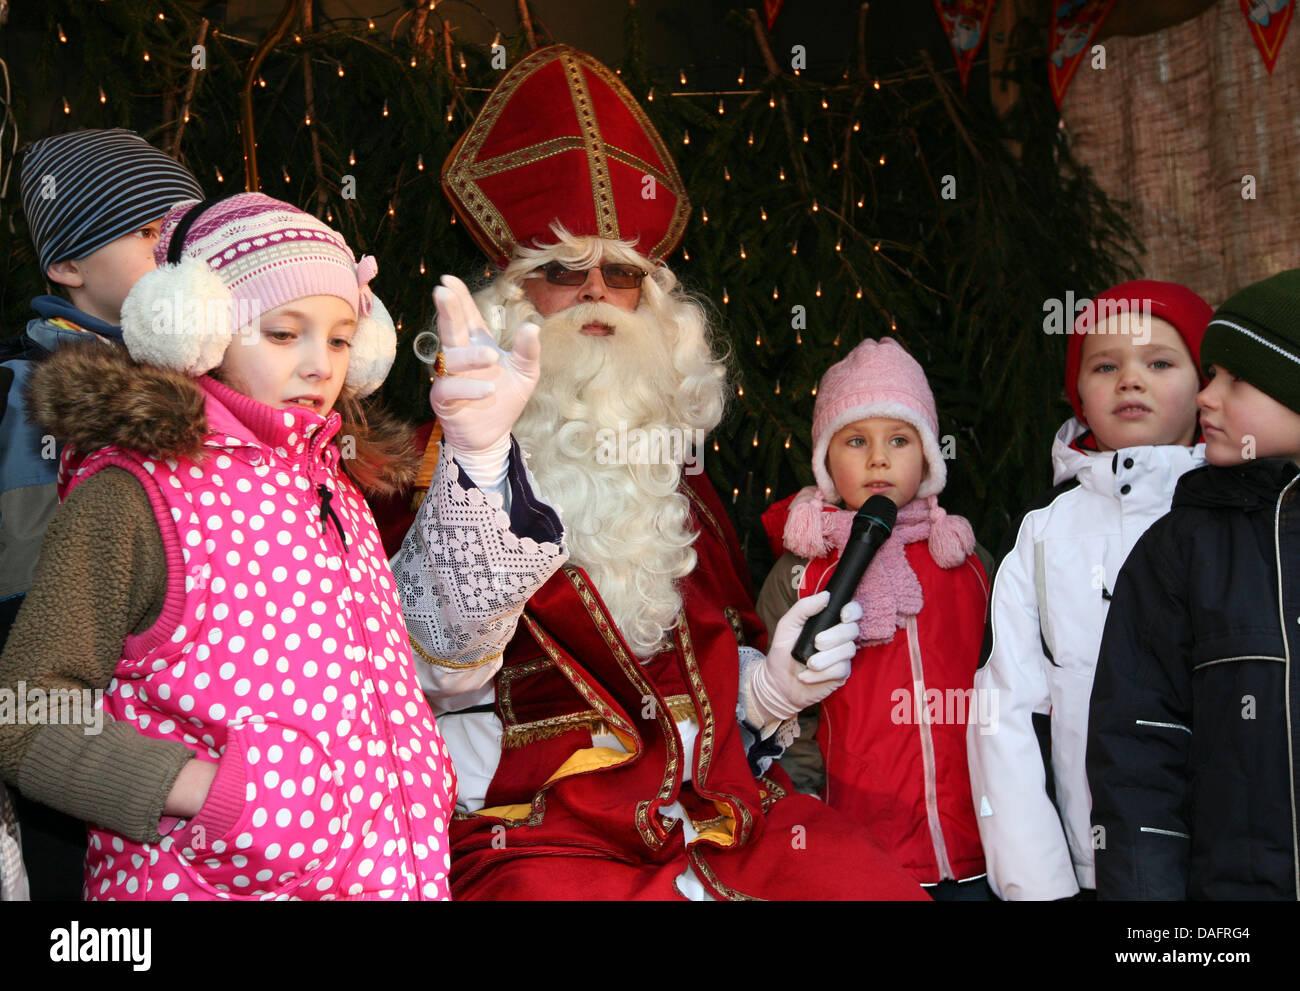 Dutch Christmas.The Dutch Santa Claus Called Sinterklaas Sings Christmas